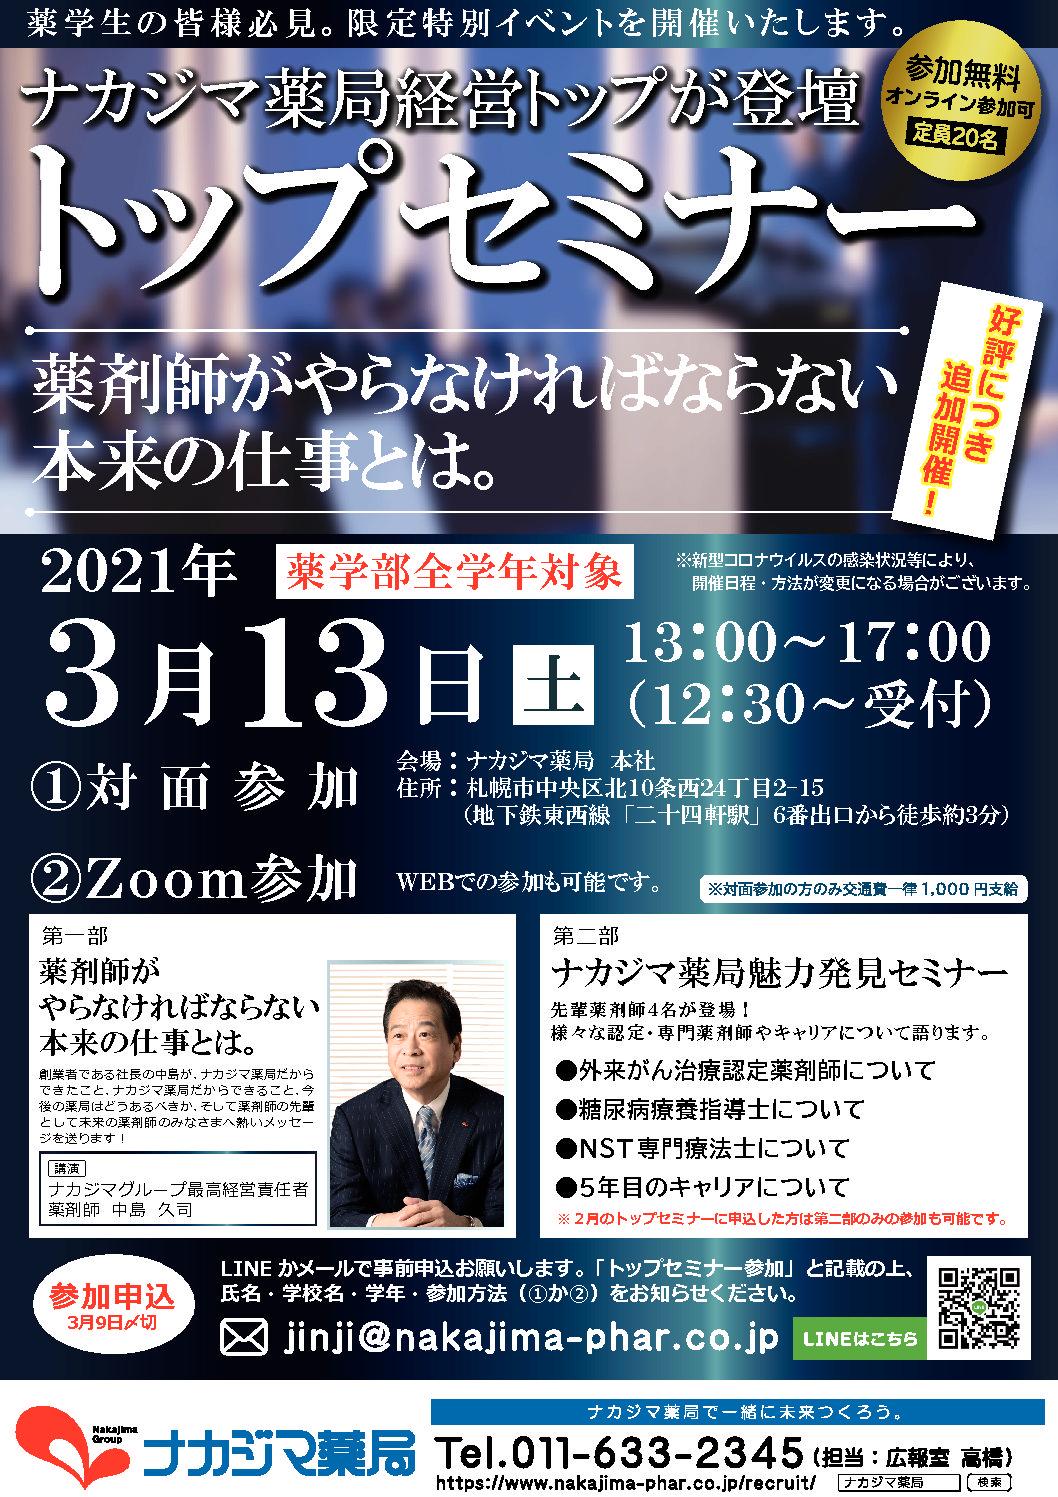 追加開催決定!!3月13日(土)薬学生限定特別イベント『トップセミナー』を開催します!